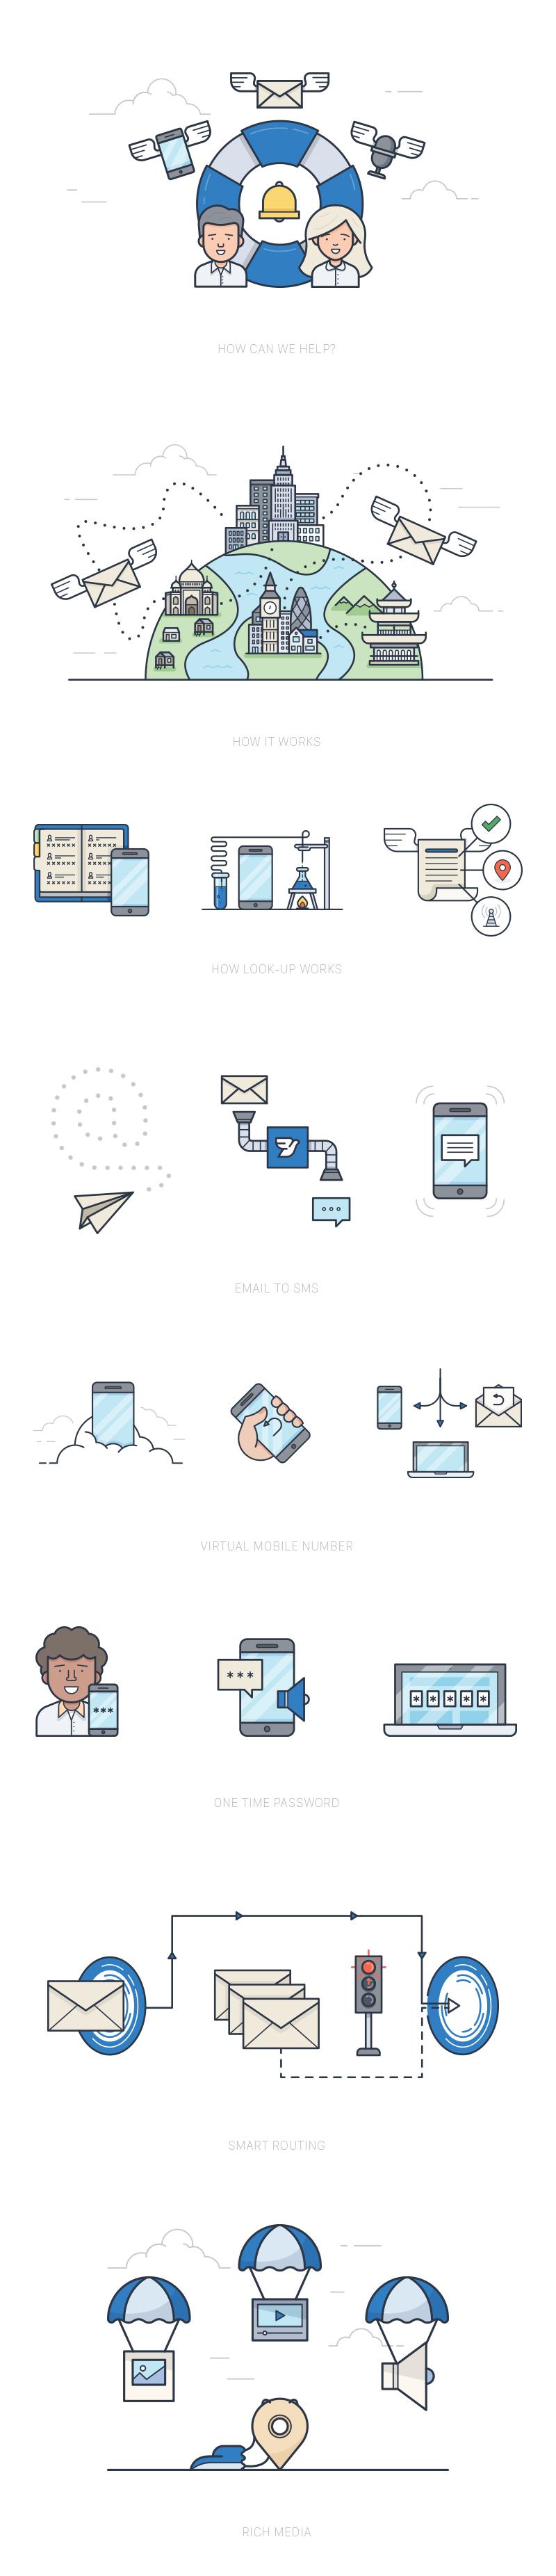 Message bird illustrations  1 att